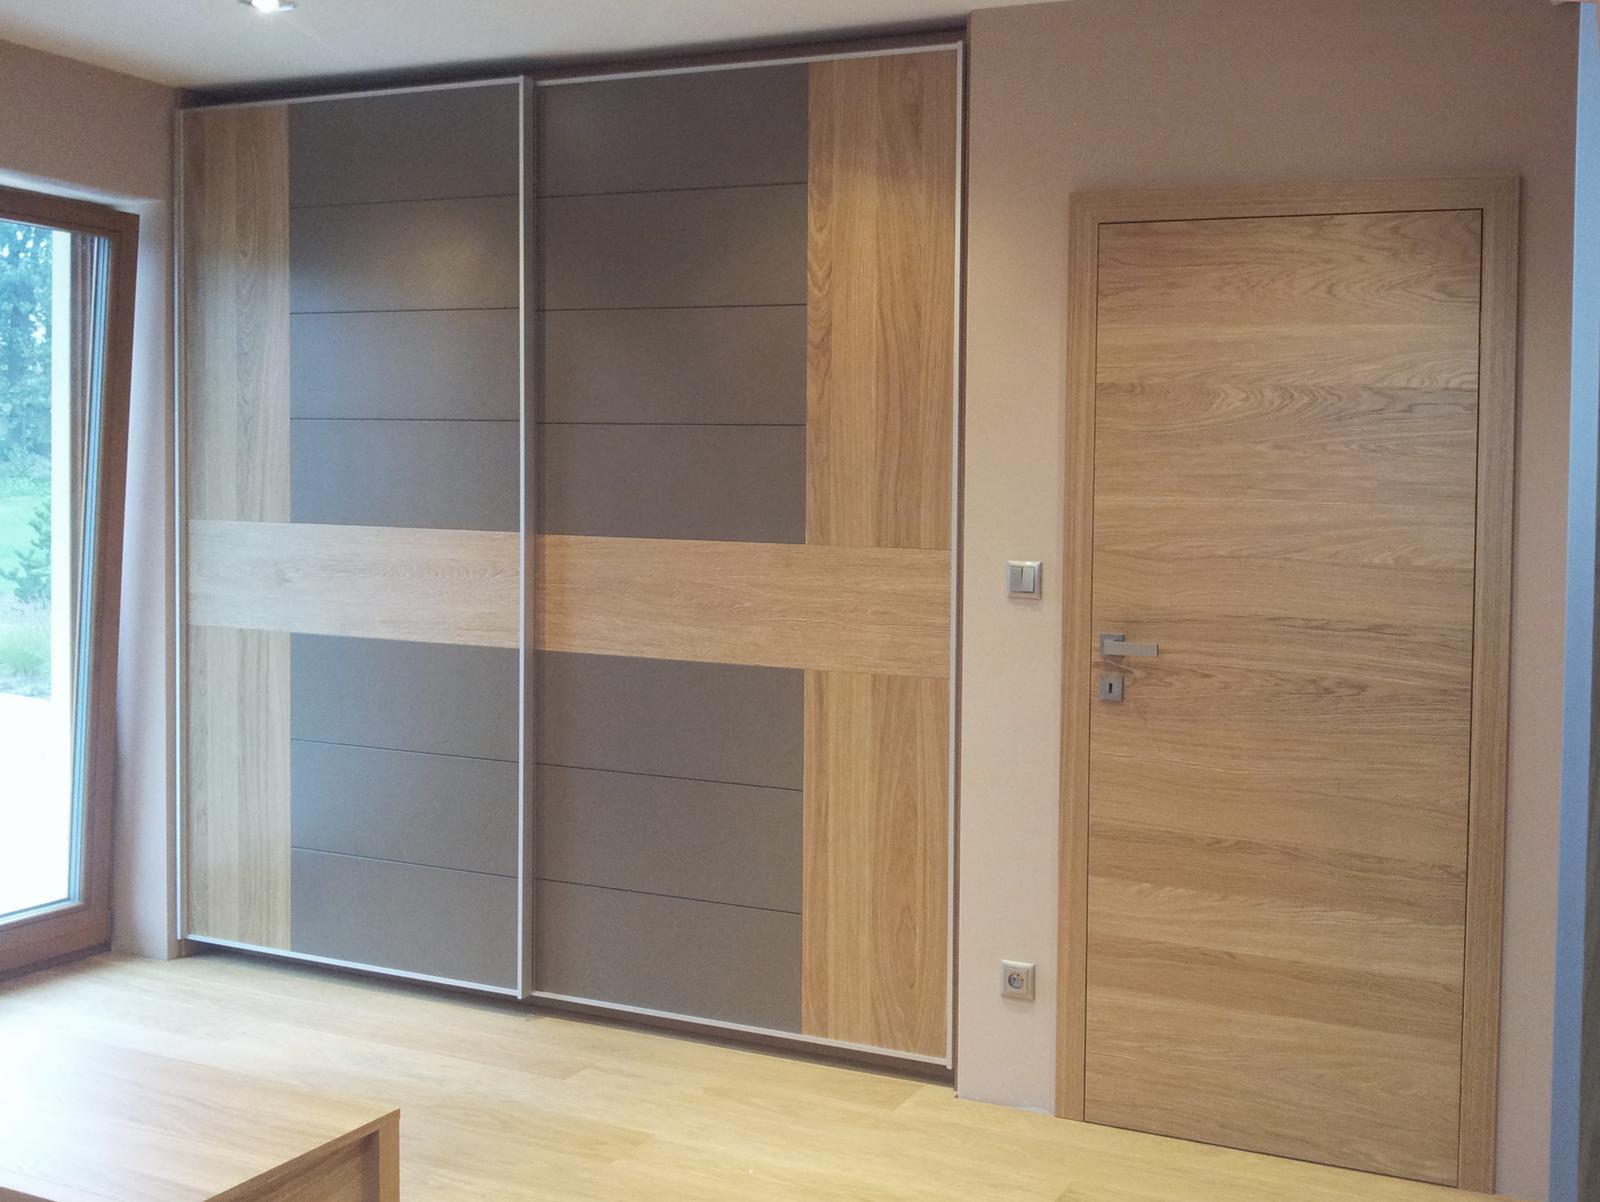 Dizajn a výroba nábytku na mieru Cubica - Vstavaný šatník sposuvnými dverami - prevedenie dub prírodný a šedá farba - dizajn a výroba cubica